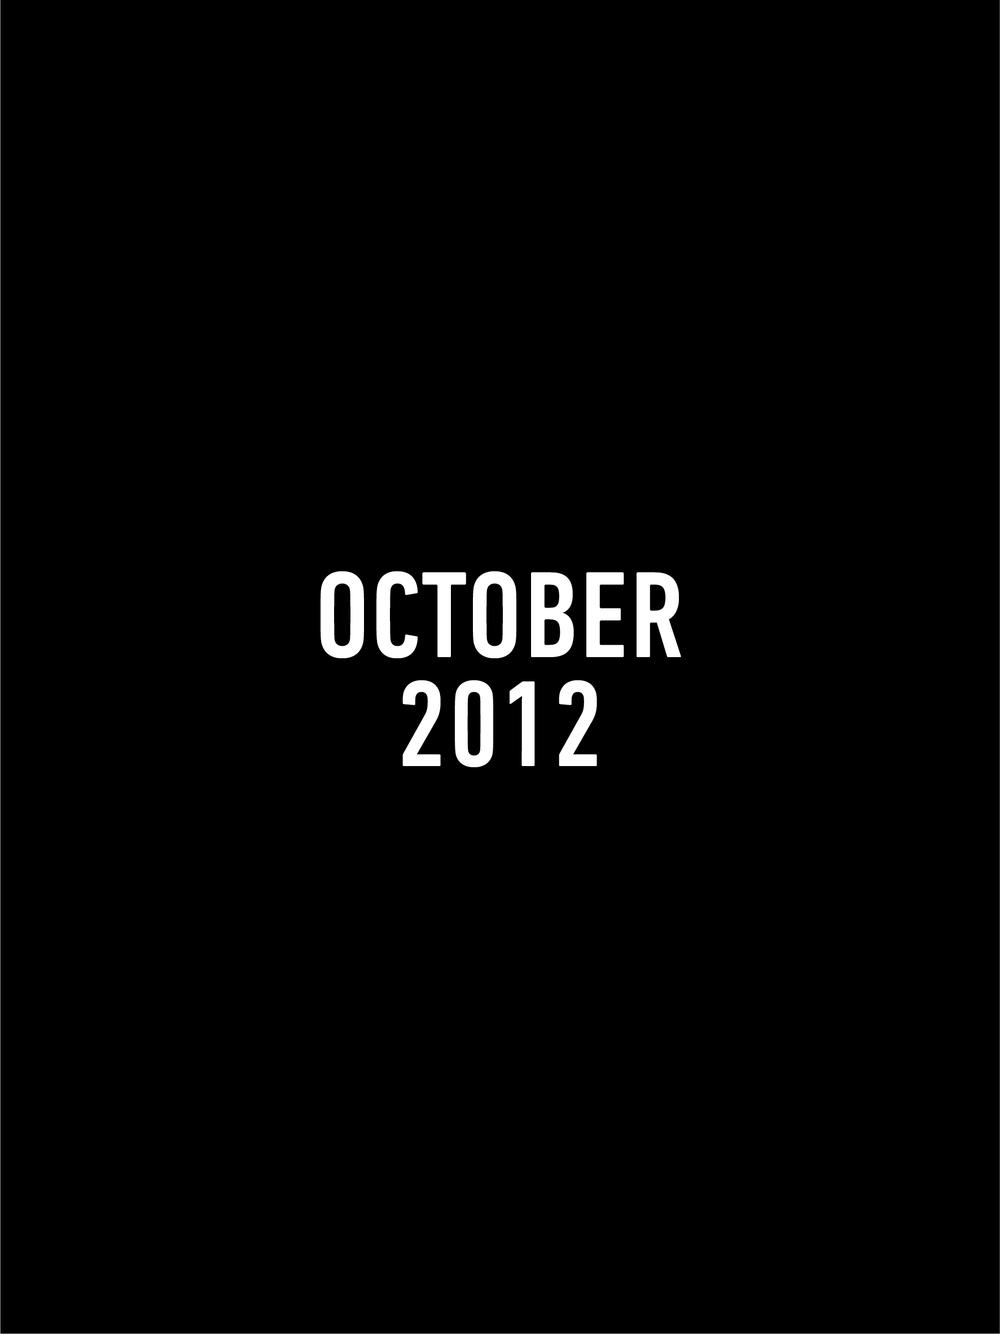 2012 months10.jpg